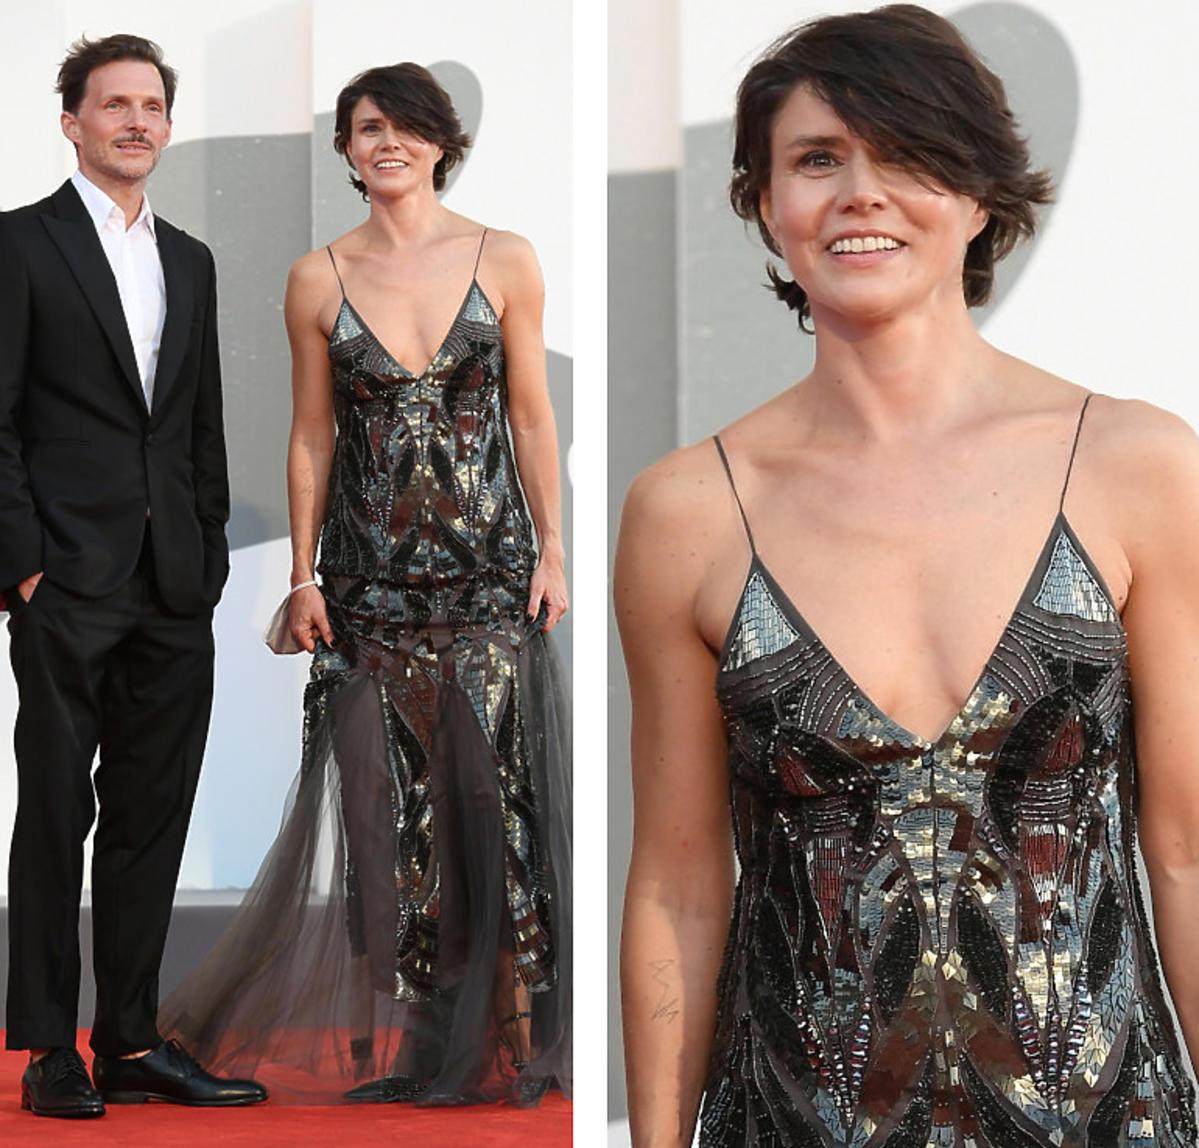 Małgorzata Szumowska z srebrnej sukni maxi na Festiwalu Filmowym w Wenecji